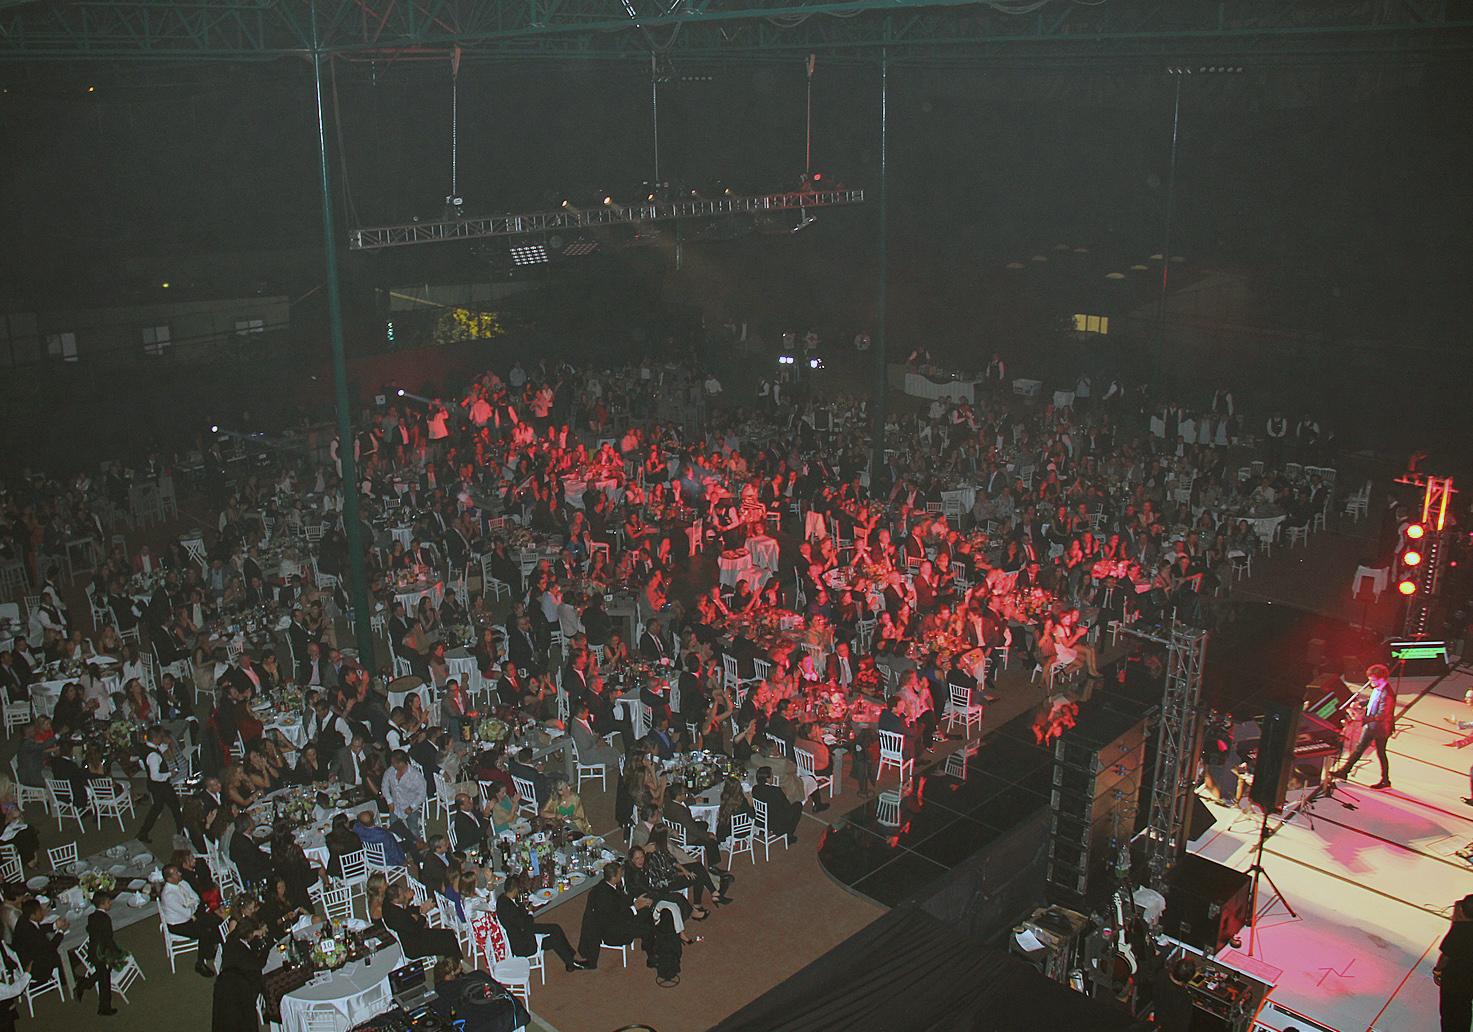 Vista aérea del público en un espectáculo musical